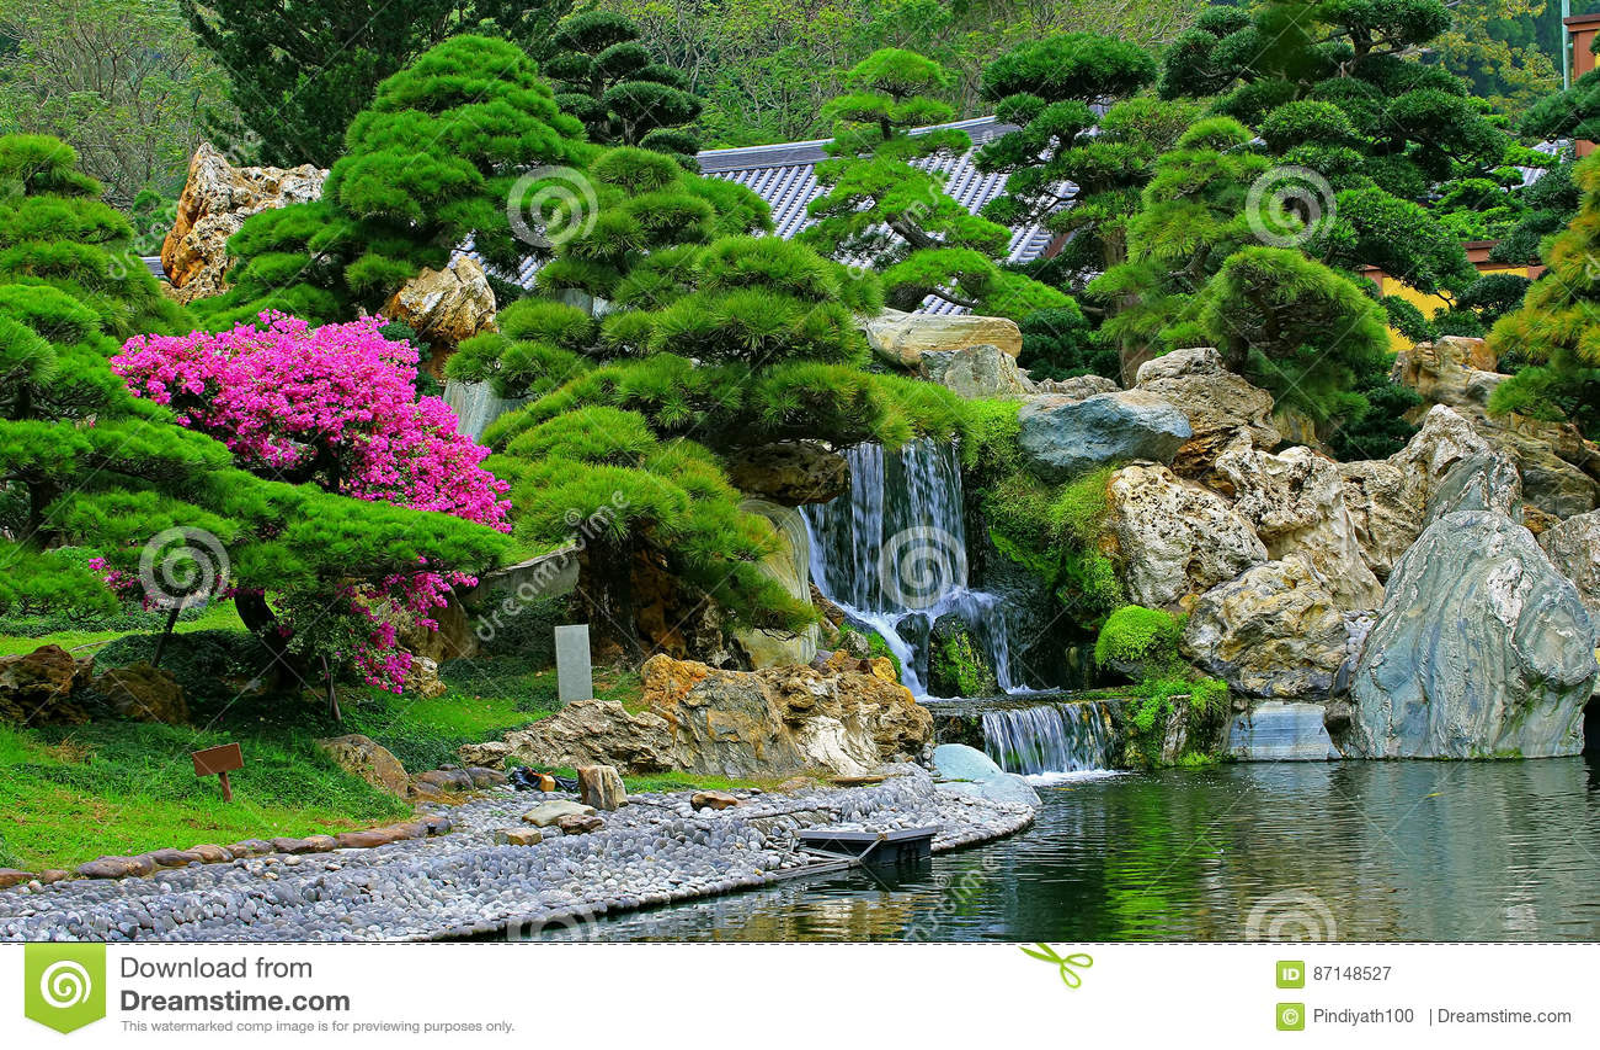 Jardin chinois de zen avec la chute de l 39 eau et les usines for Jardin chinois zen